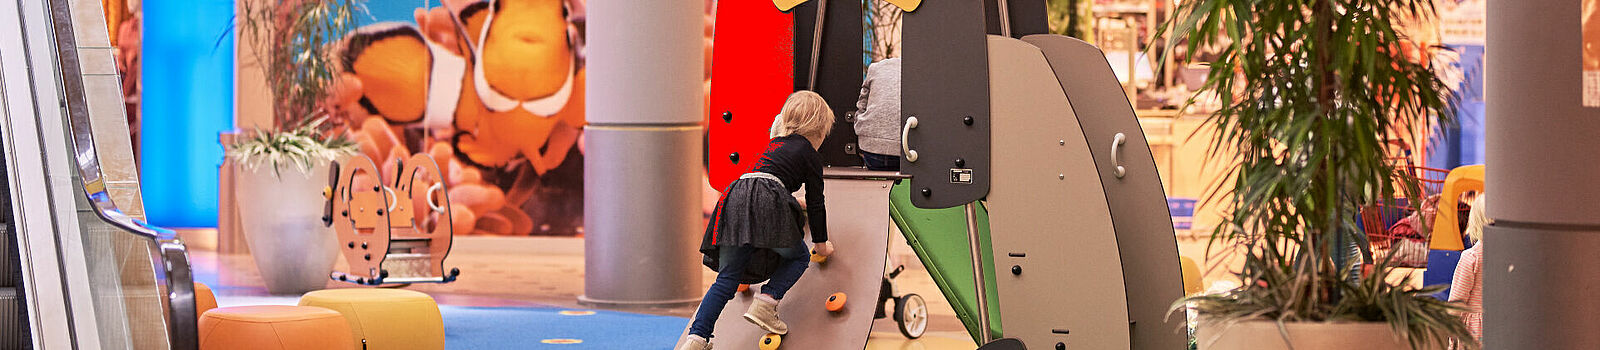 Kind klettert auf Indoor Spielplatz im NOVA